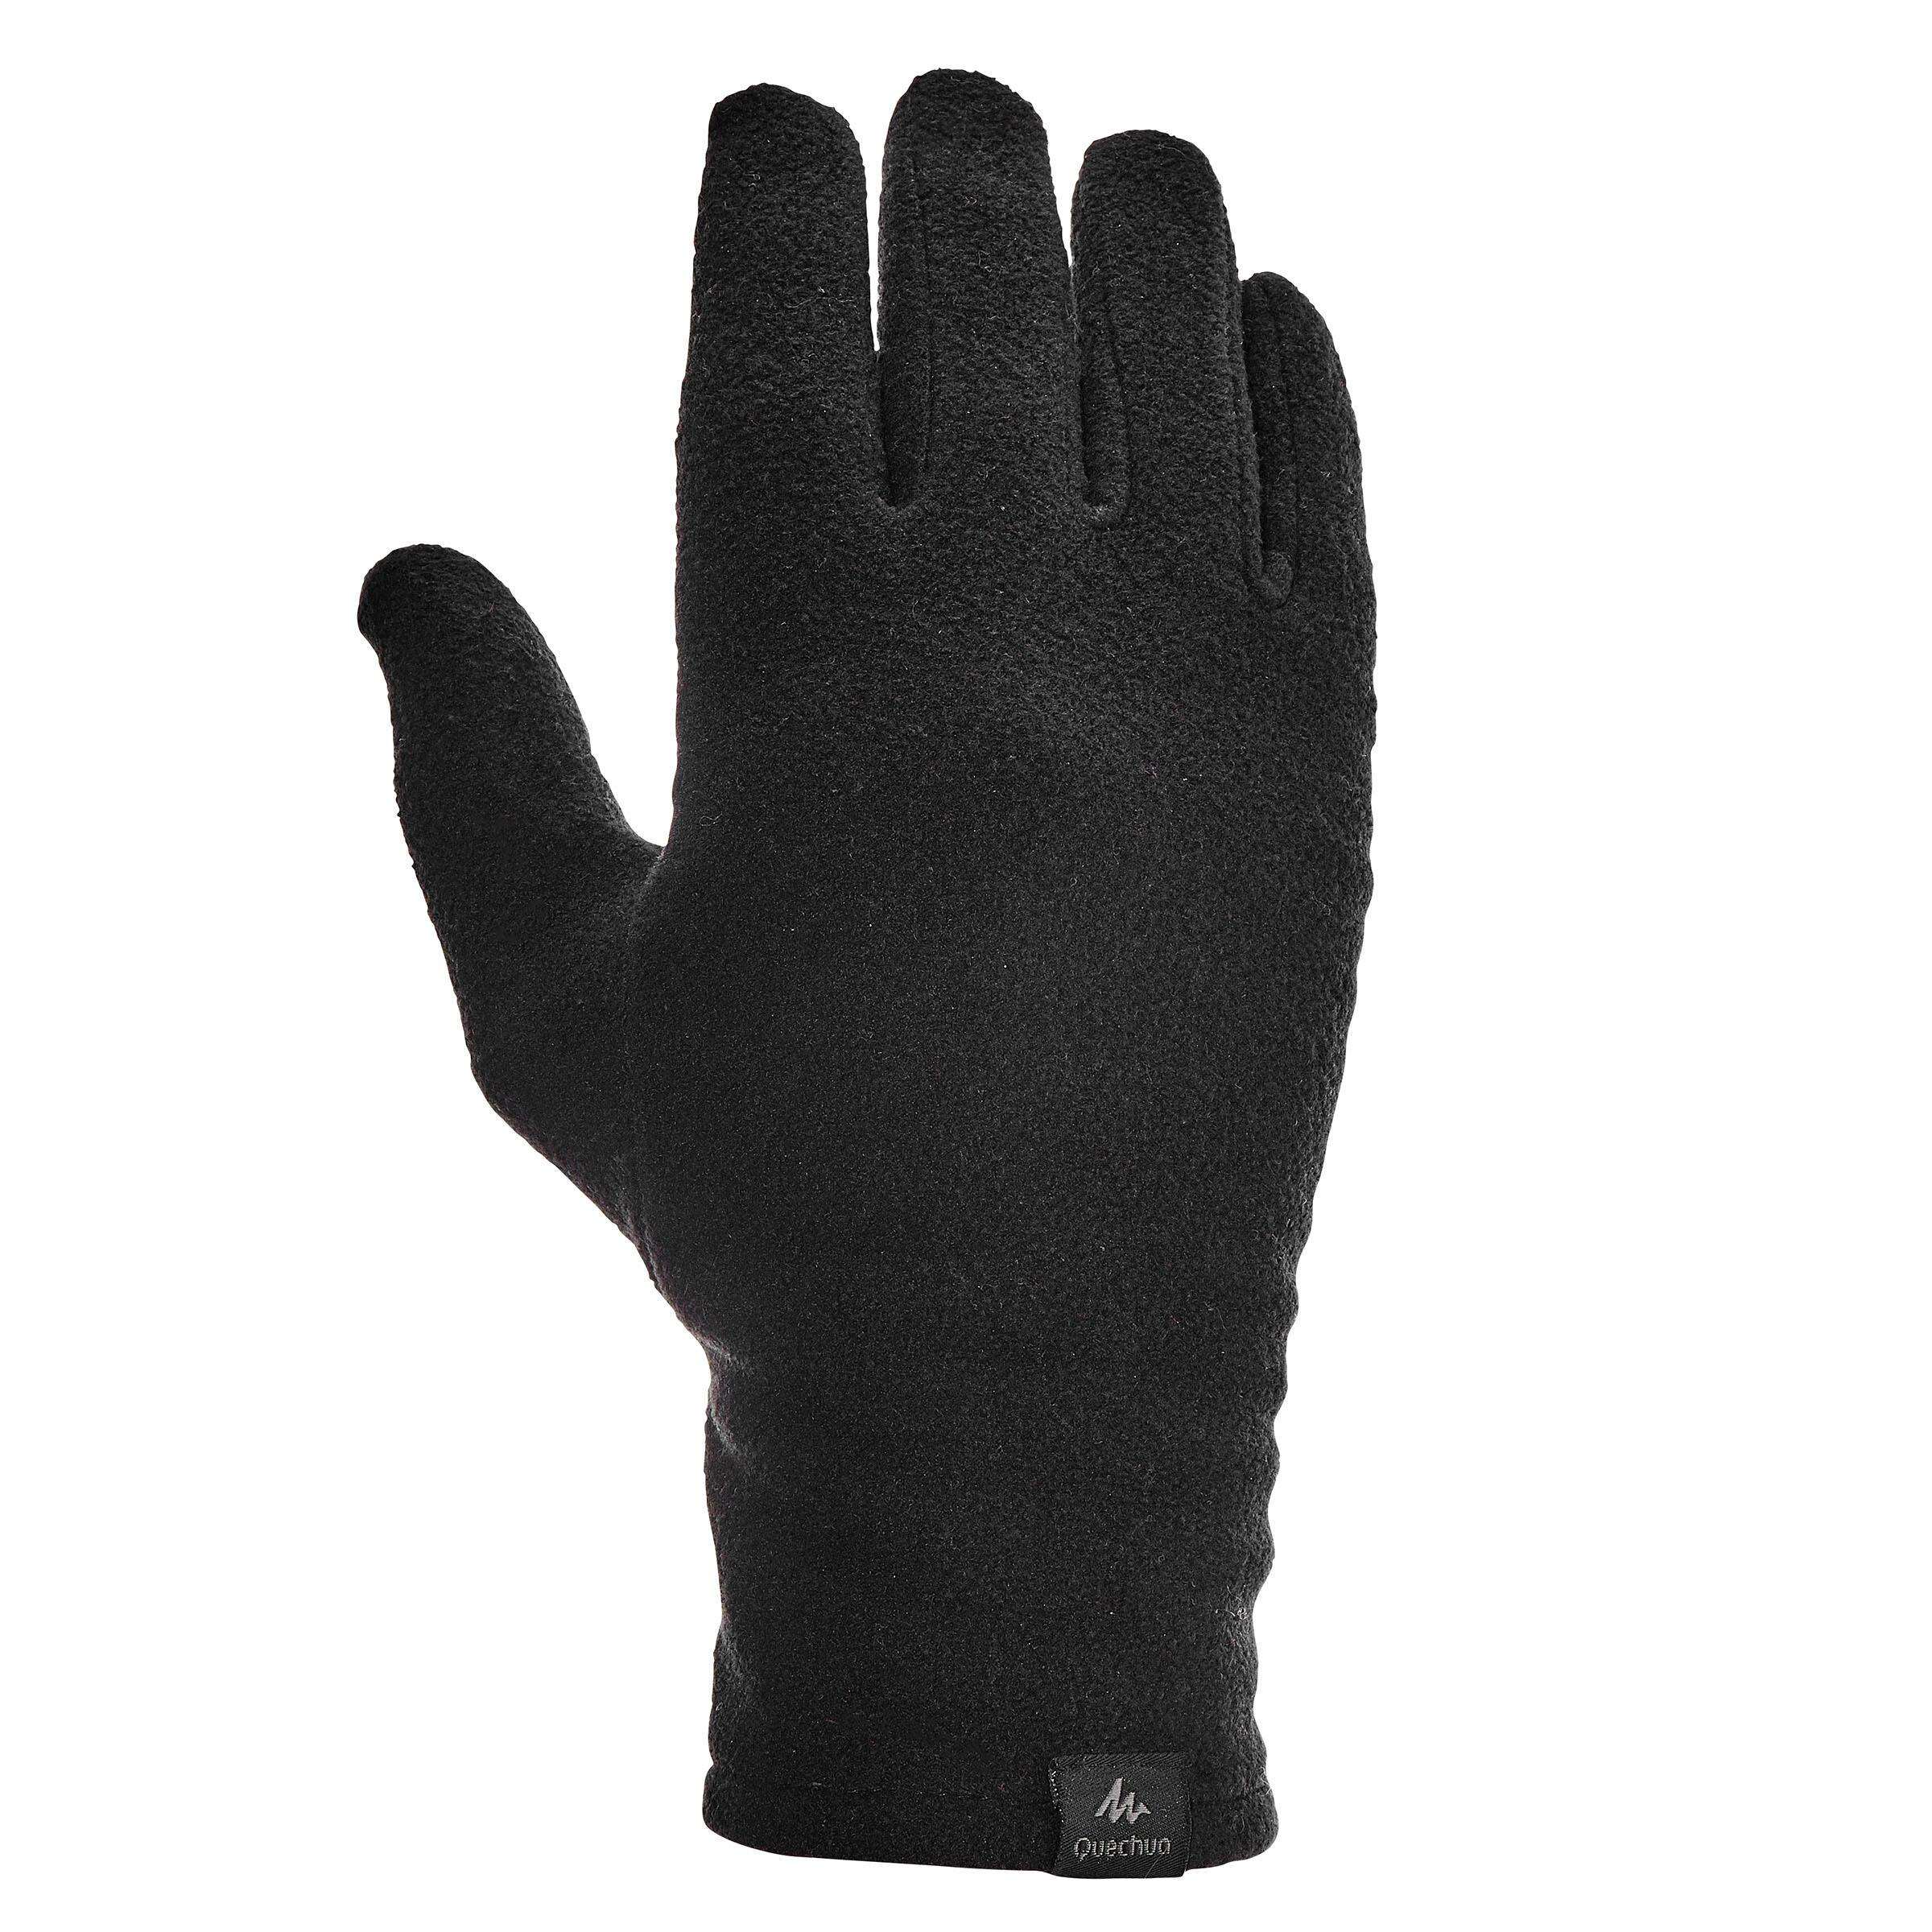 Handschoenen, zwart, XL